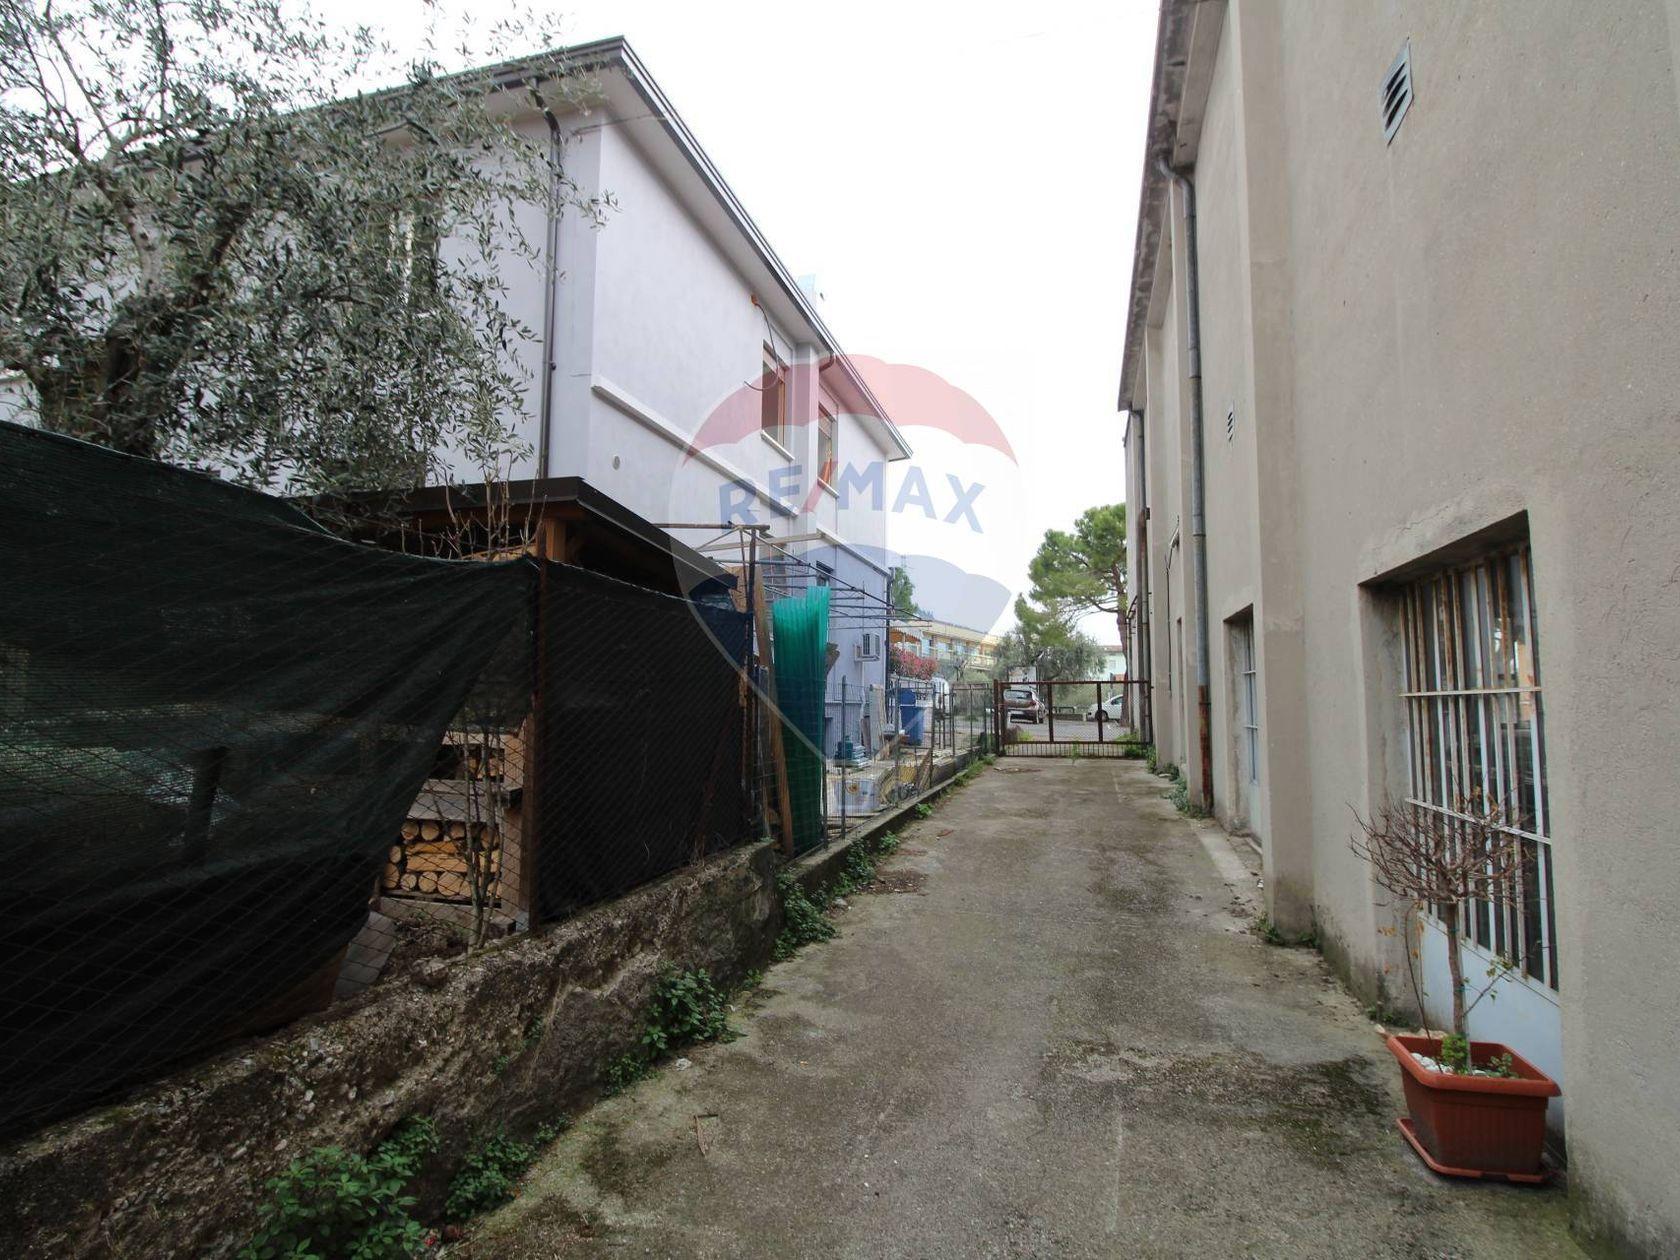 Locale Commerciale Toscolano-Maderno, BS Vendita - Foto 14